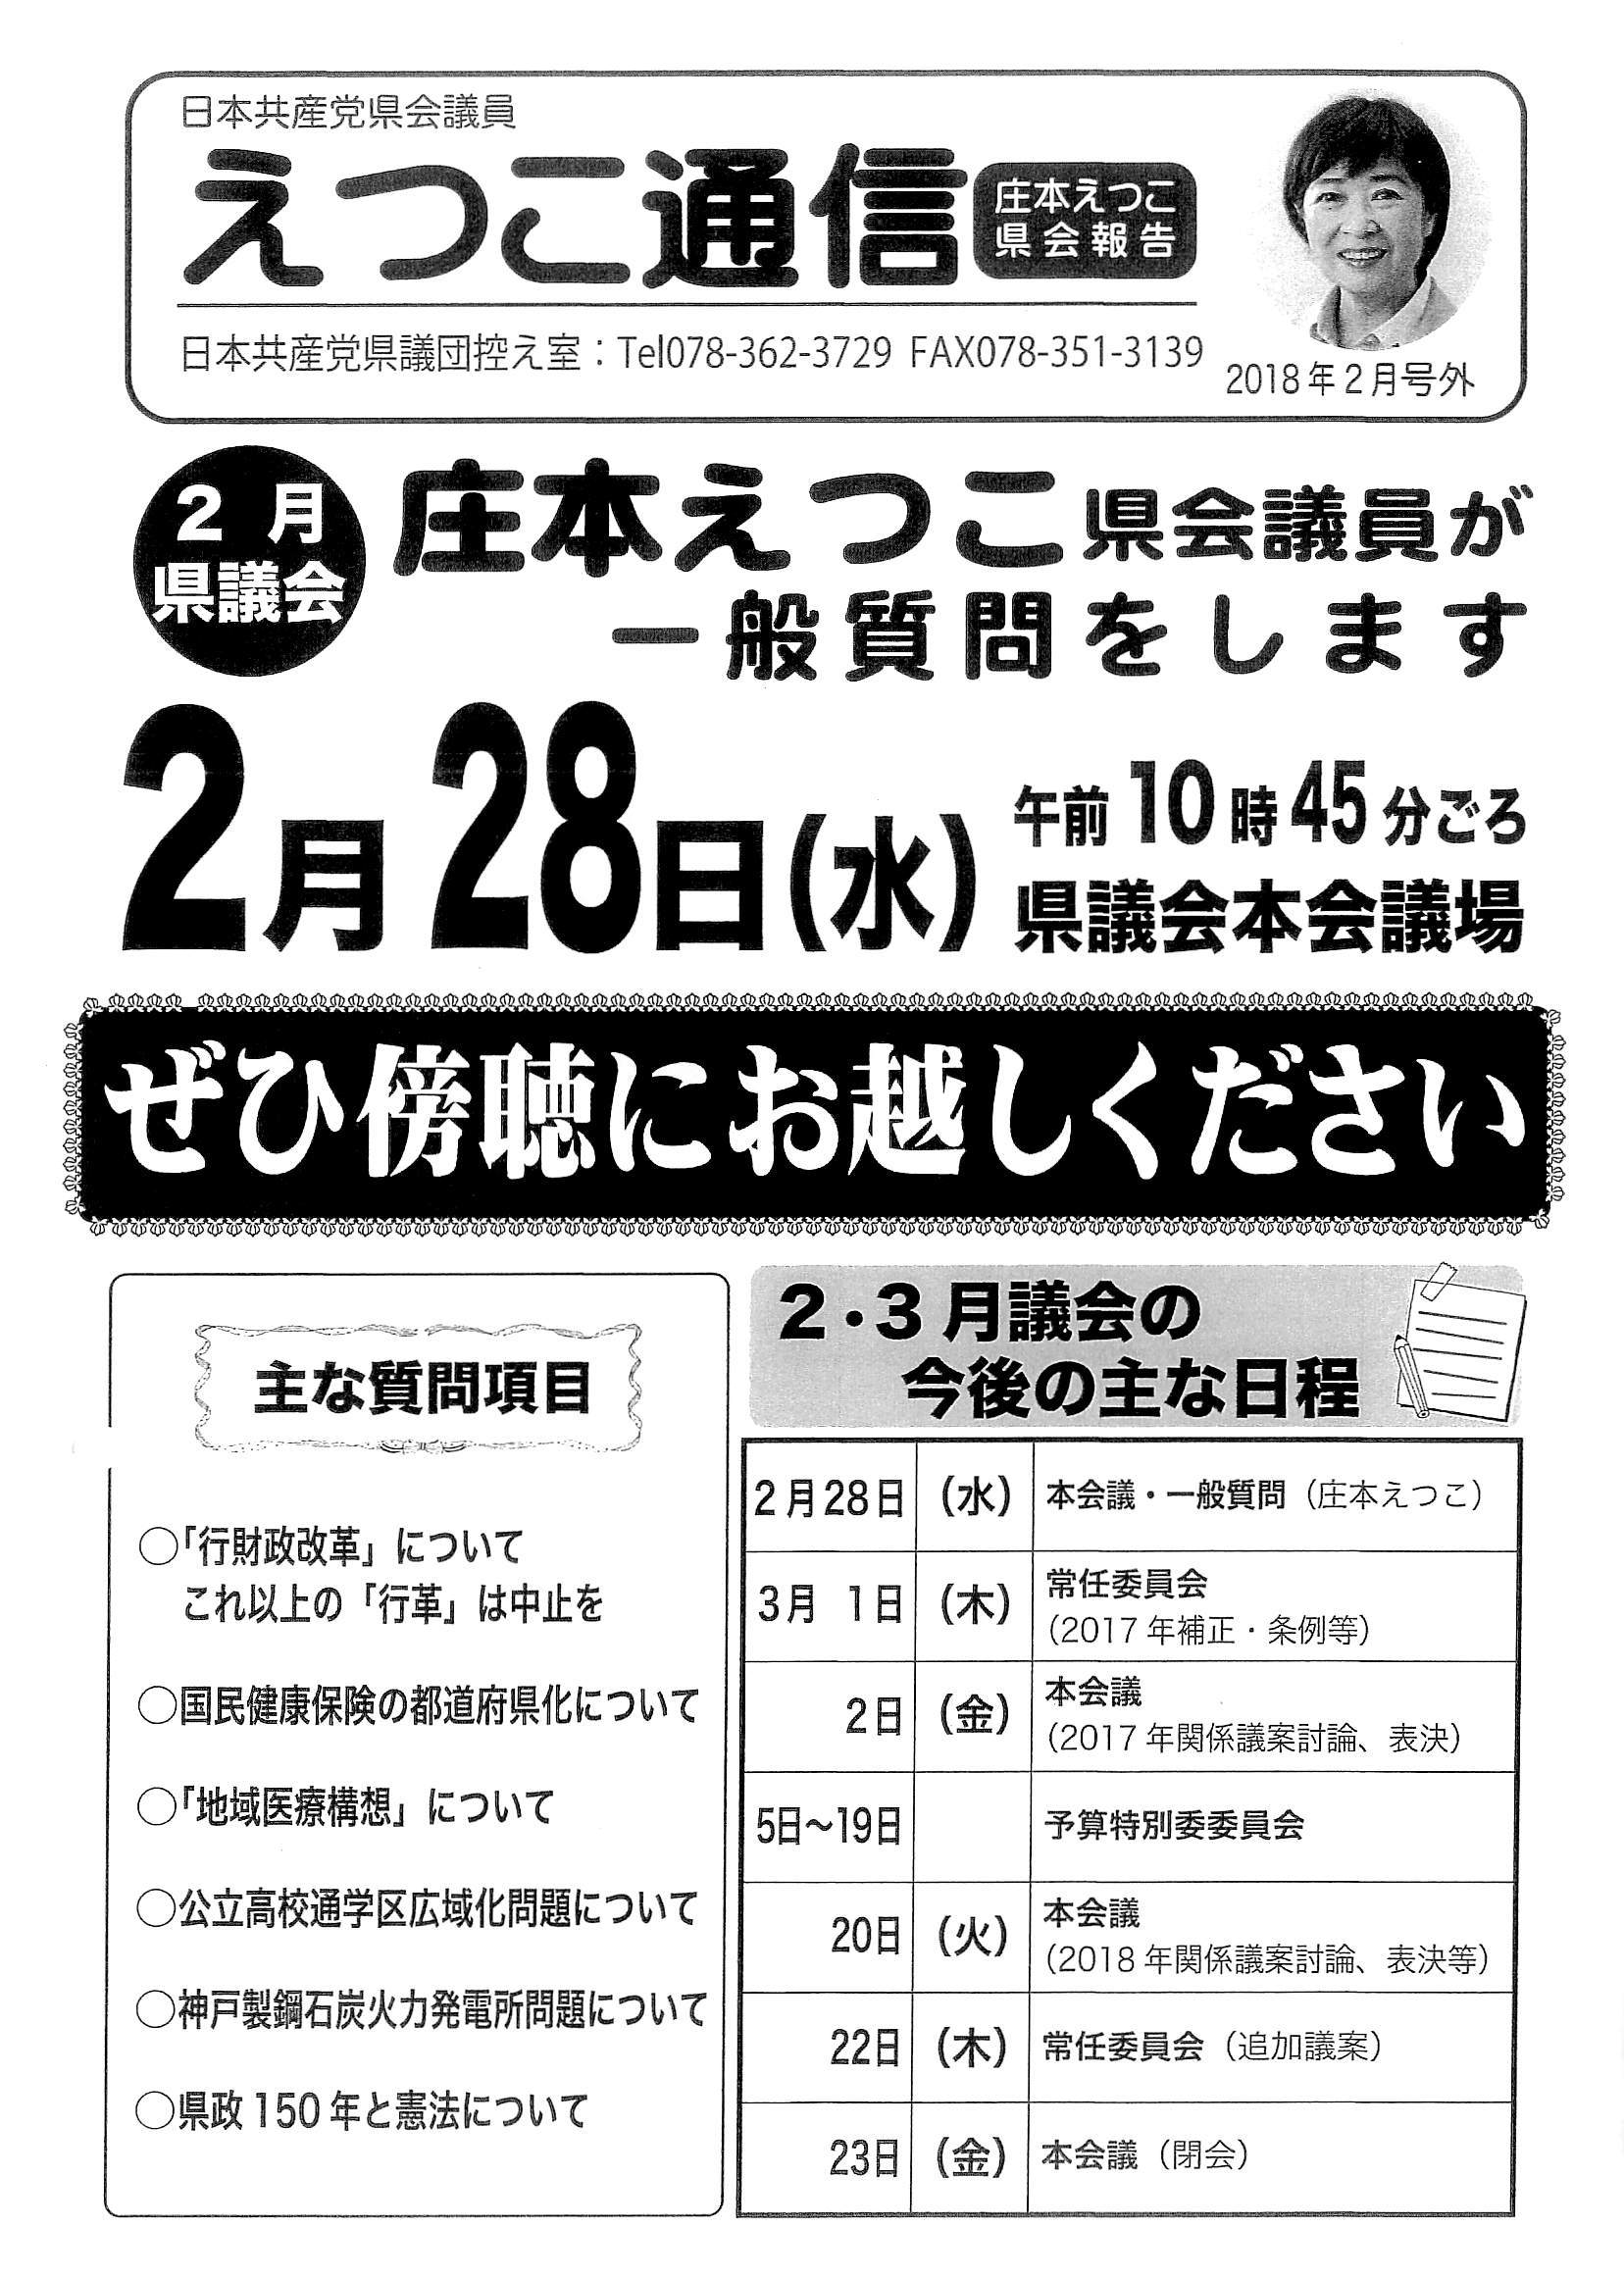 えつこ通信 №9 2018年2月_b0253602_13330394.jpg